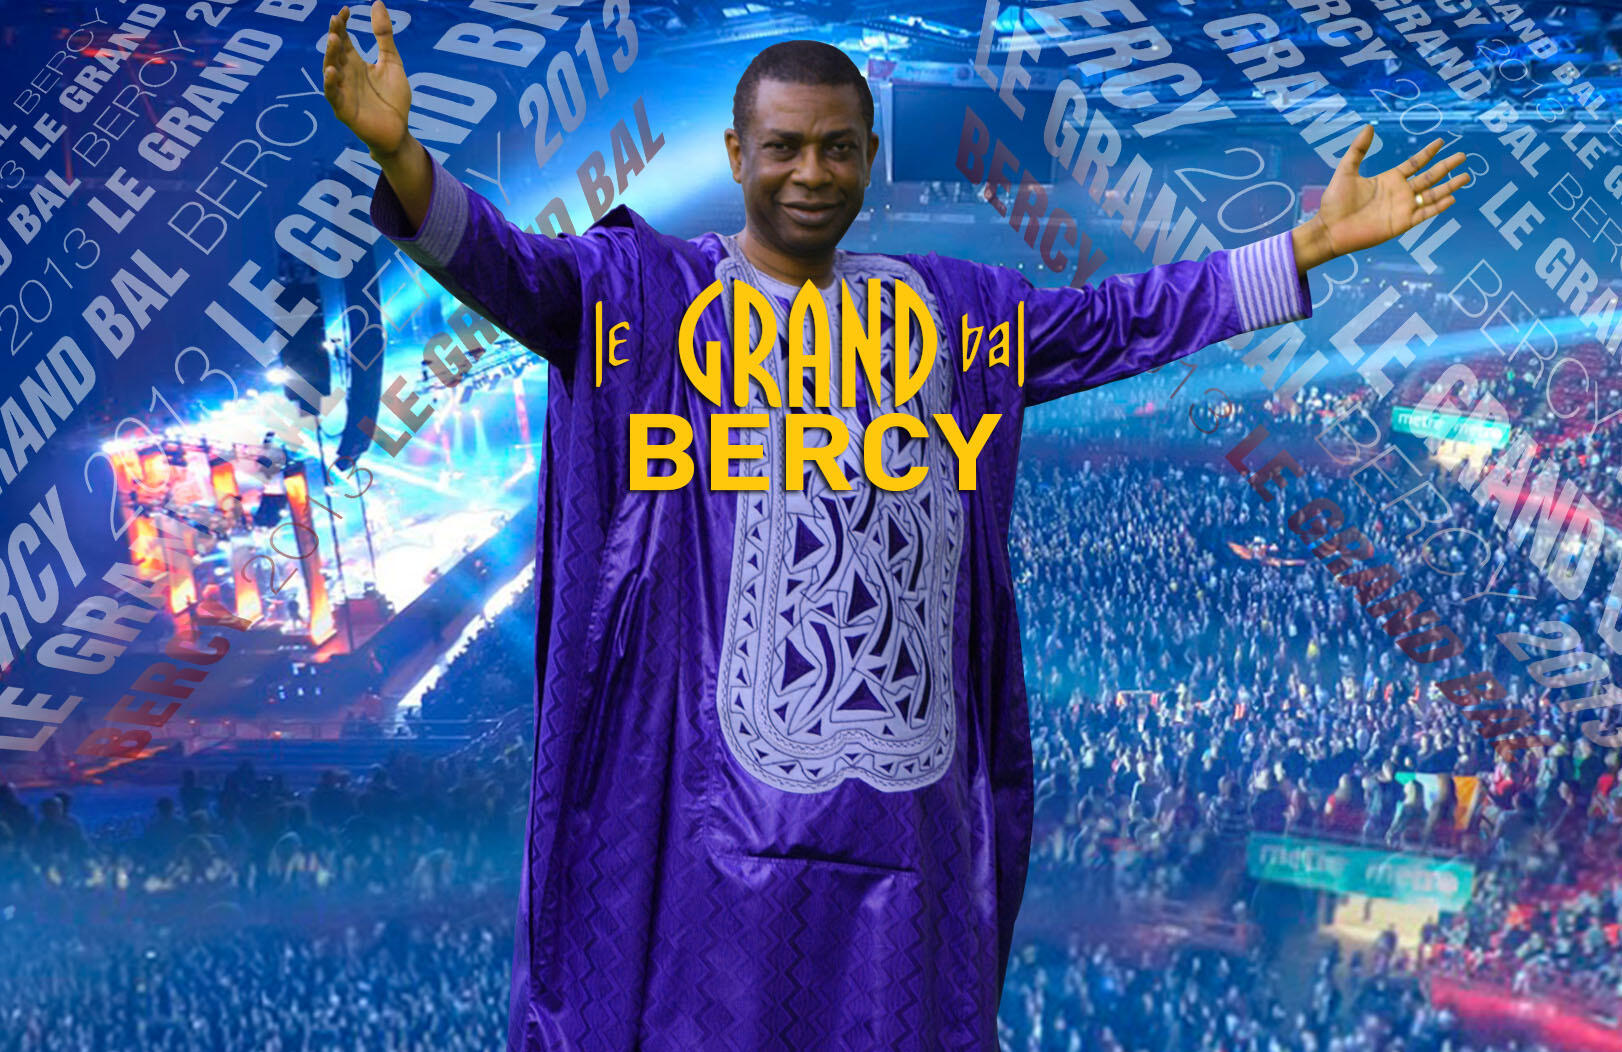 Youssou N'Dour revient sur les planches de son Grand bal à Bercy ce samedi 12 octobre 2013, pour une soirée exceptionnelle